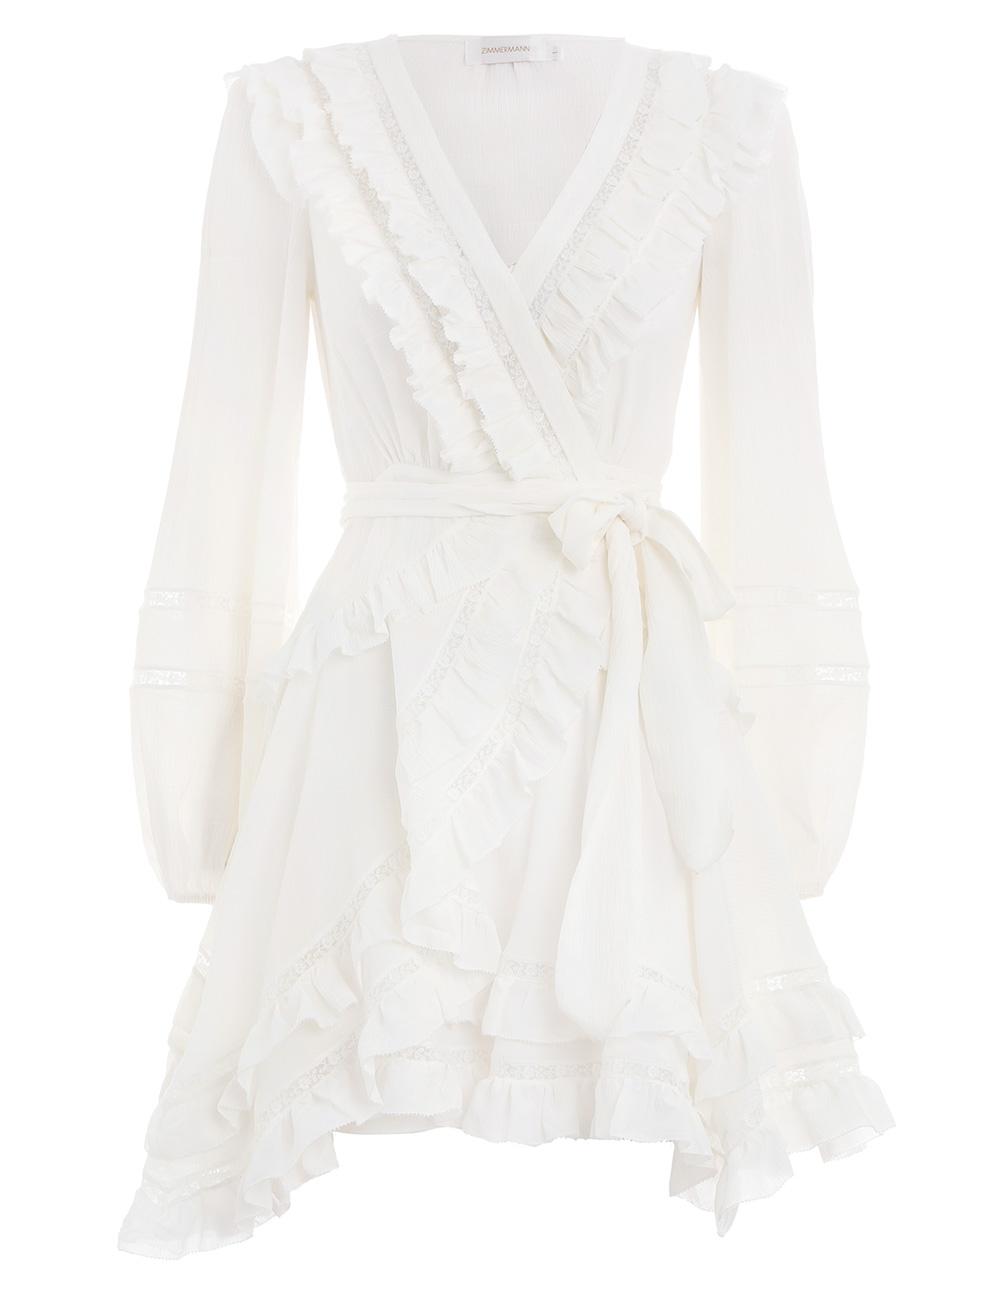 0fdfca4a6725 Shop Designer Dresses Online | ZIMMERMANN